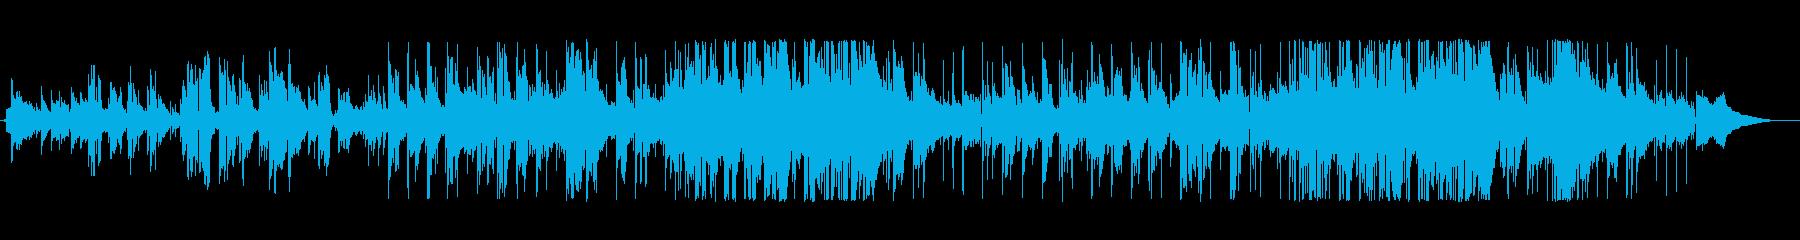 カントリー、男性ボーカル。音響ベー...の再生済みの波形